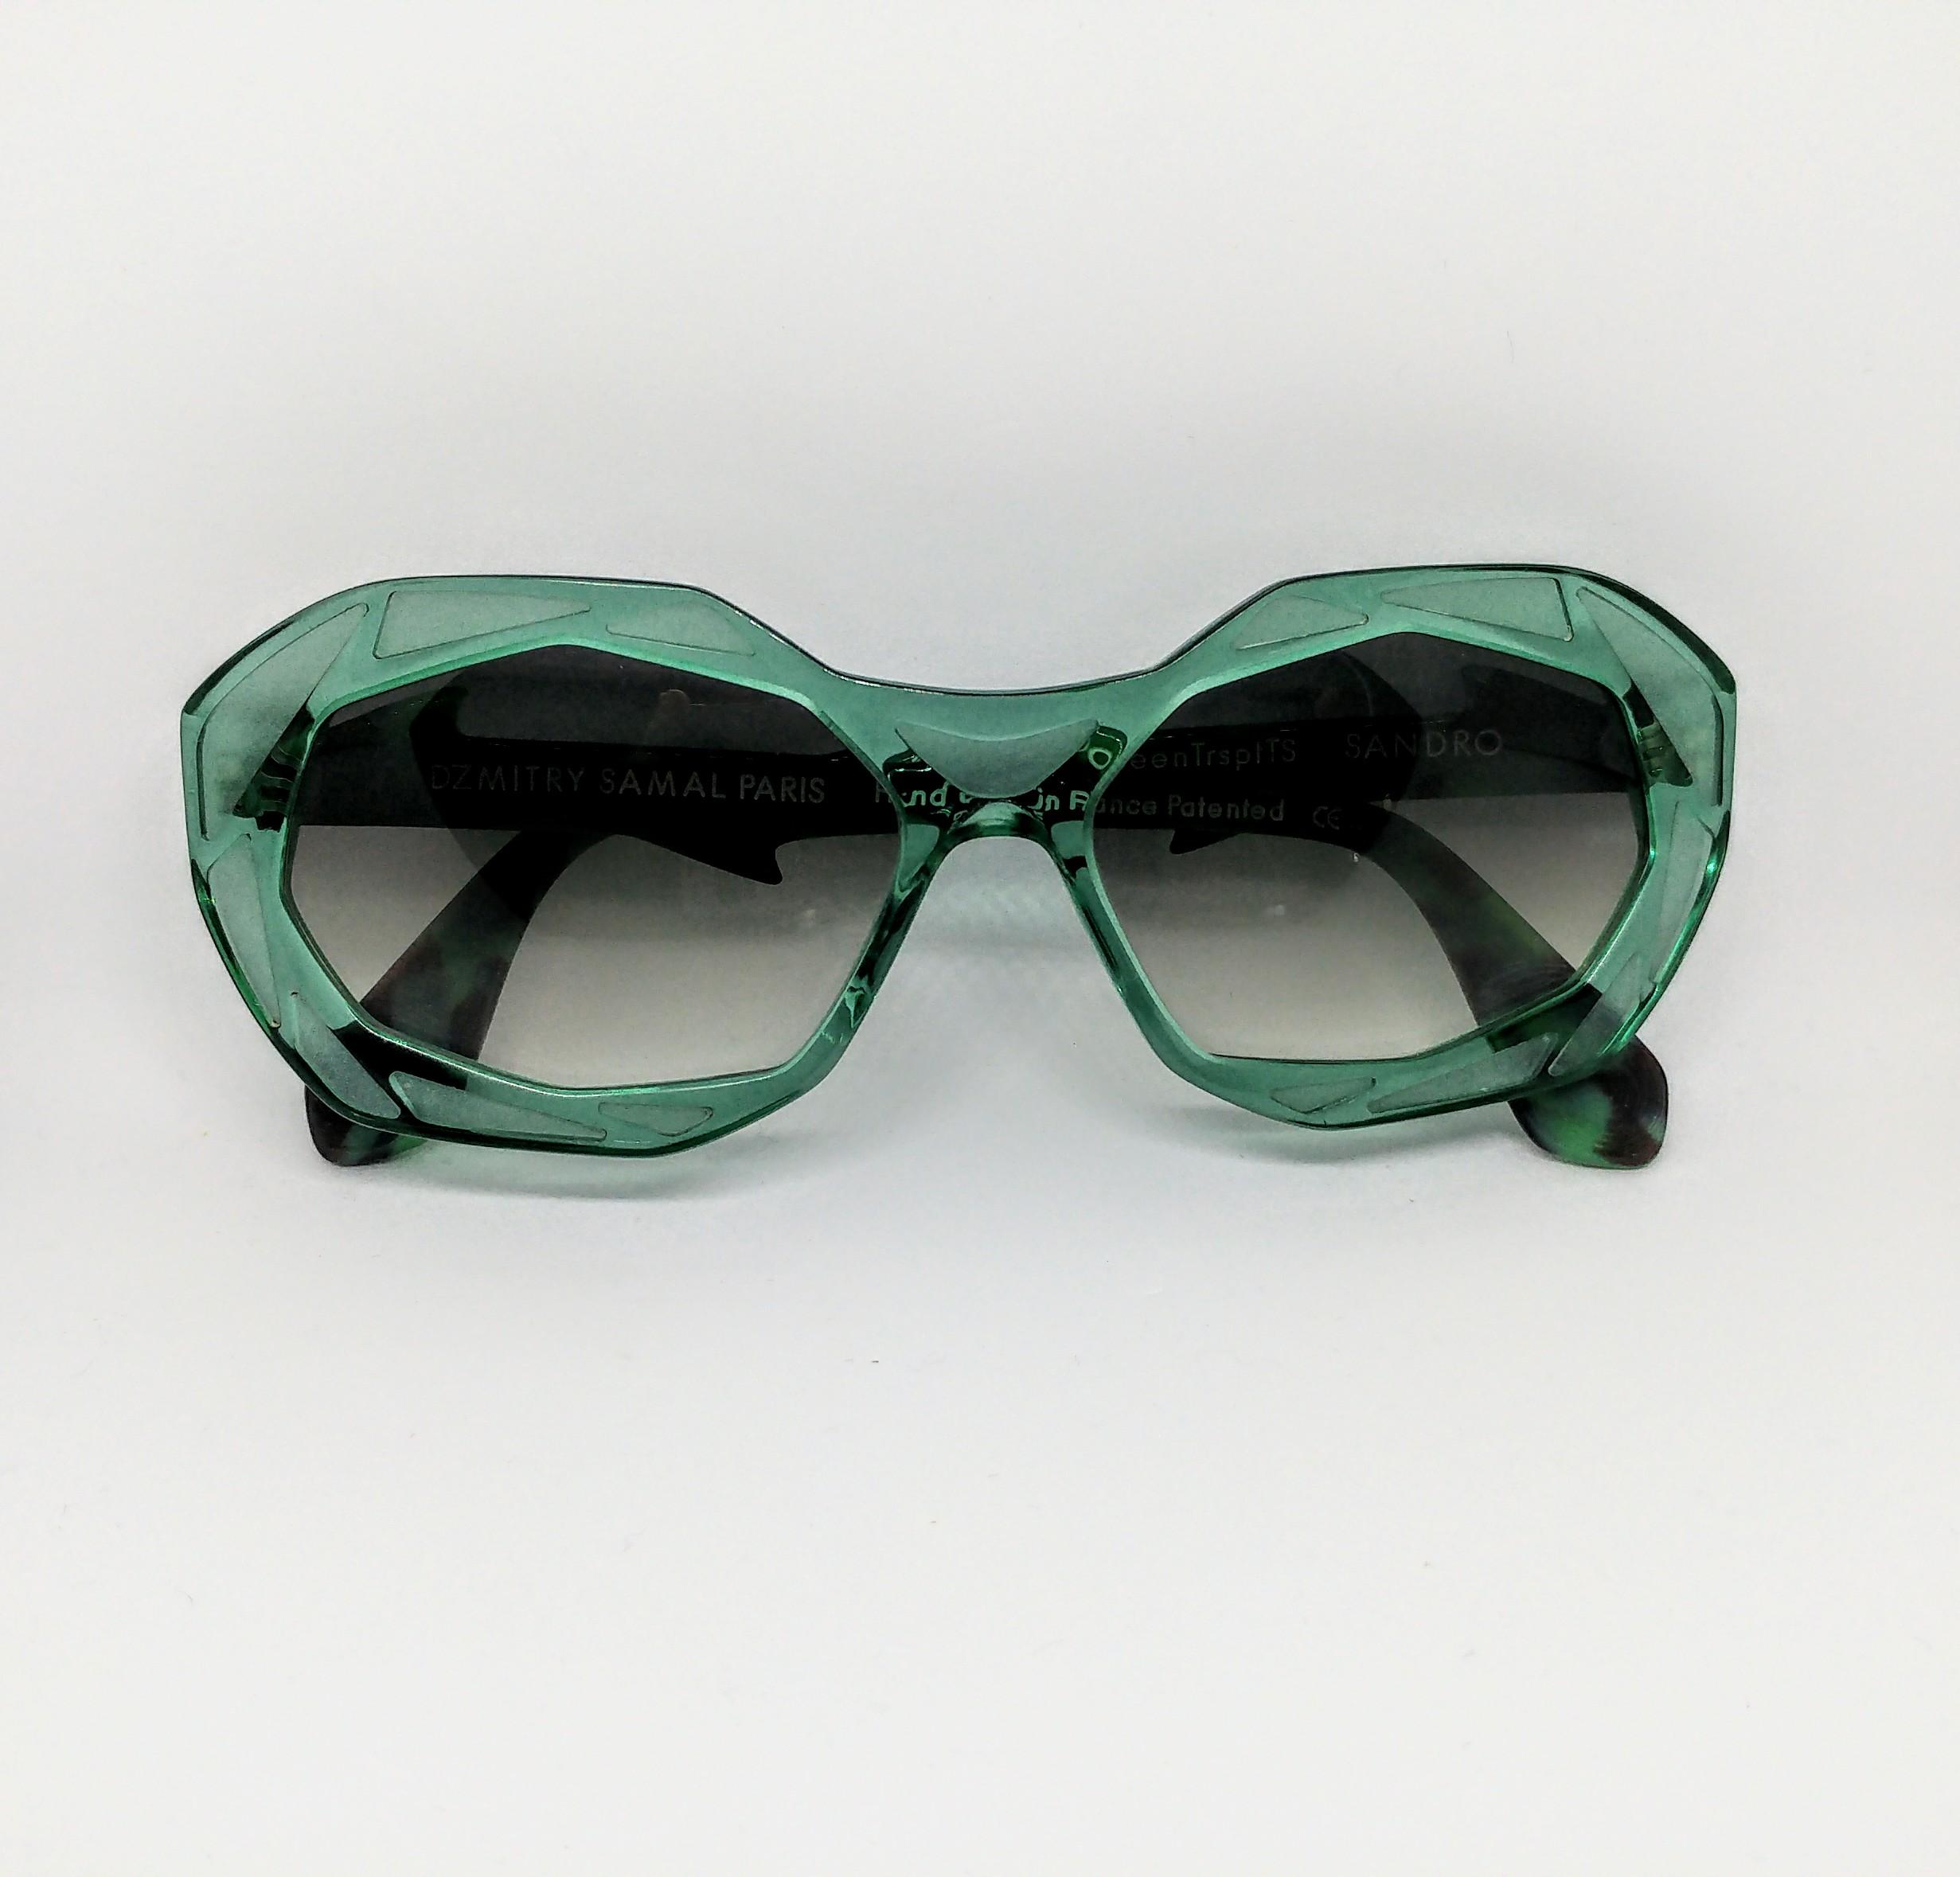 Occhiale da sole Dzmytri Samal